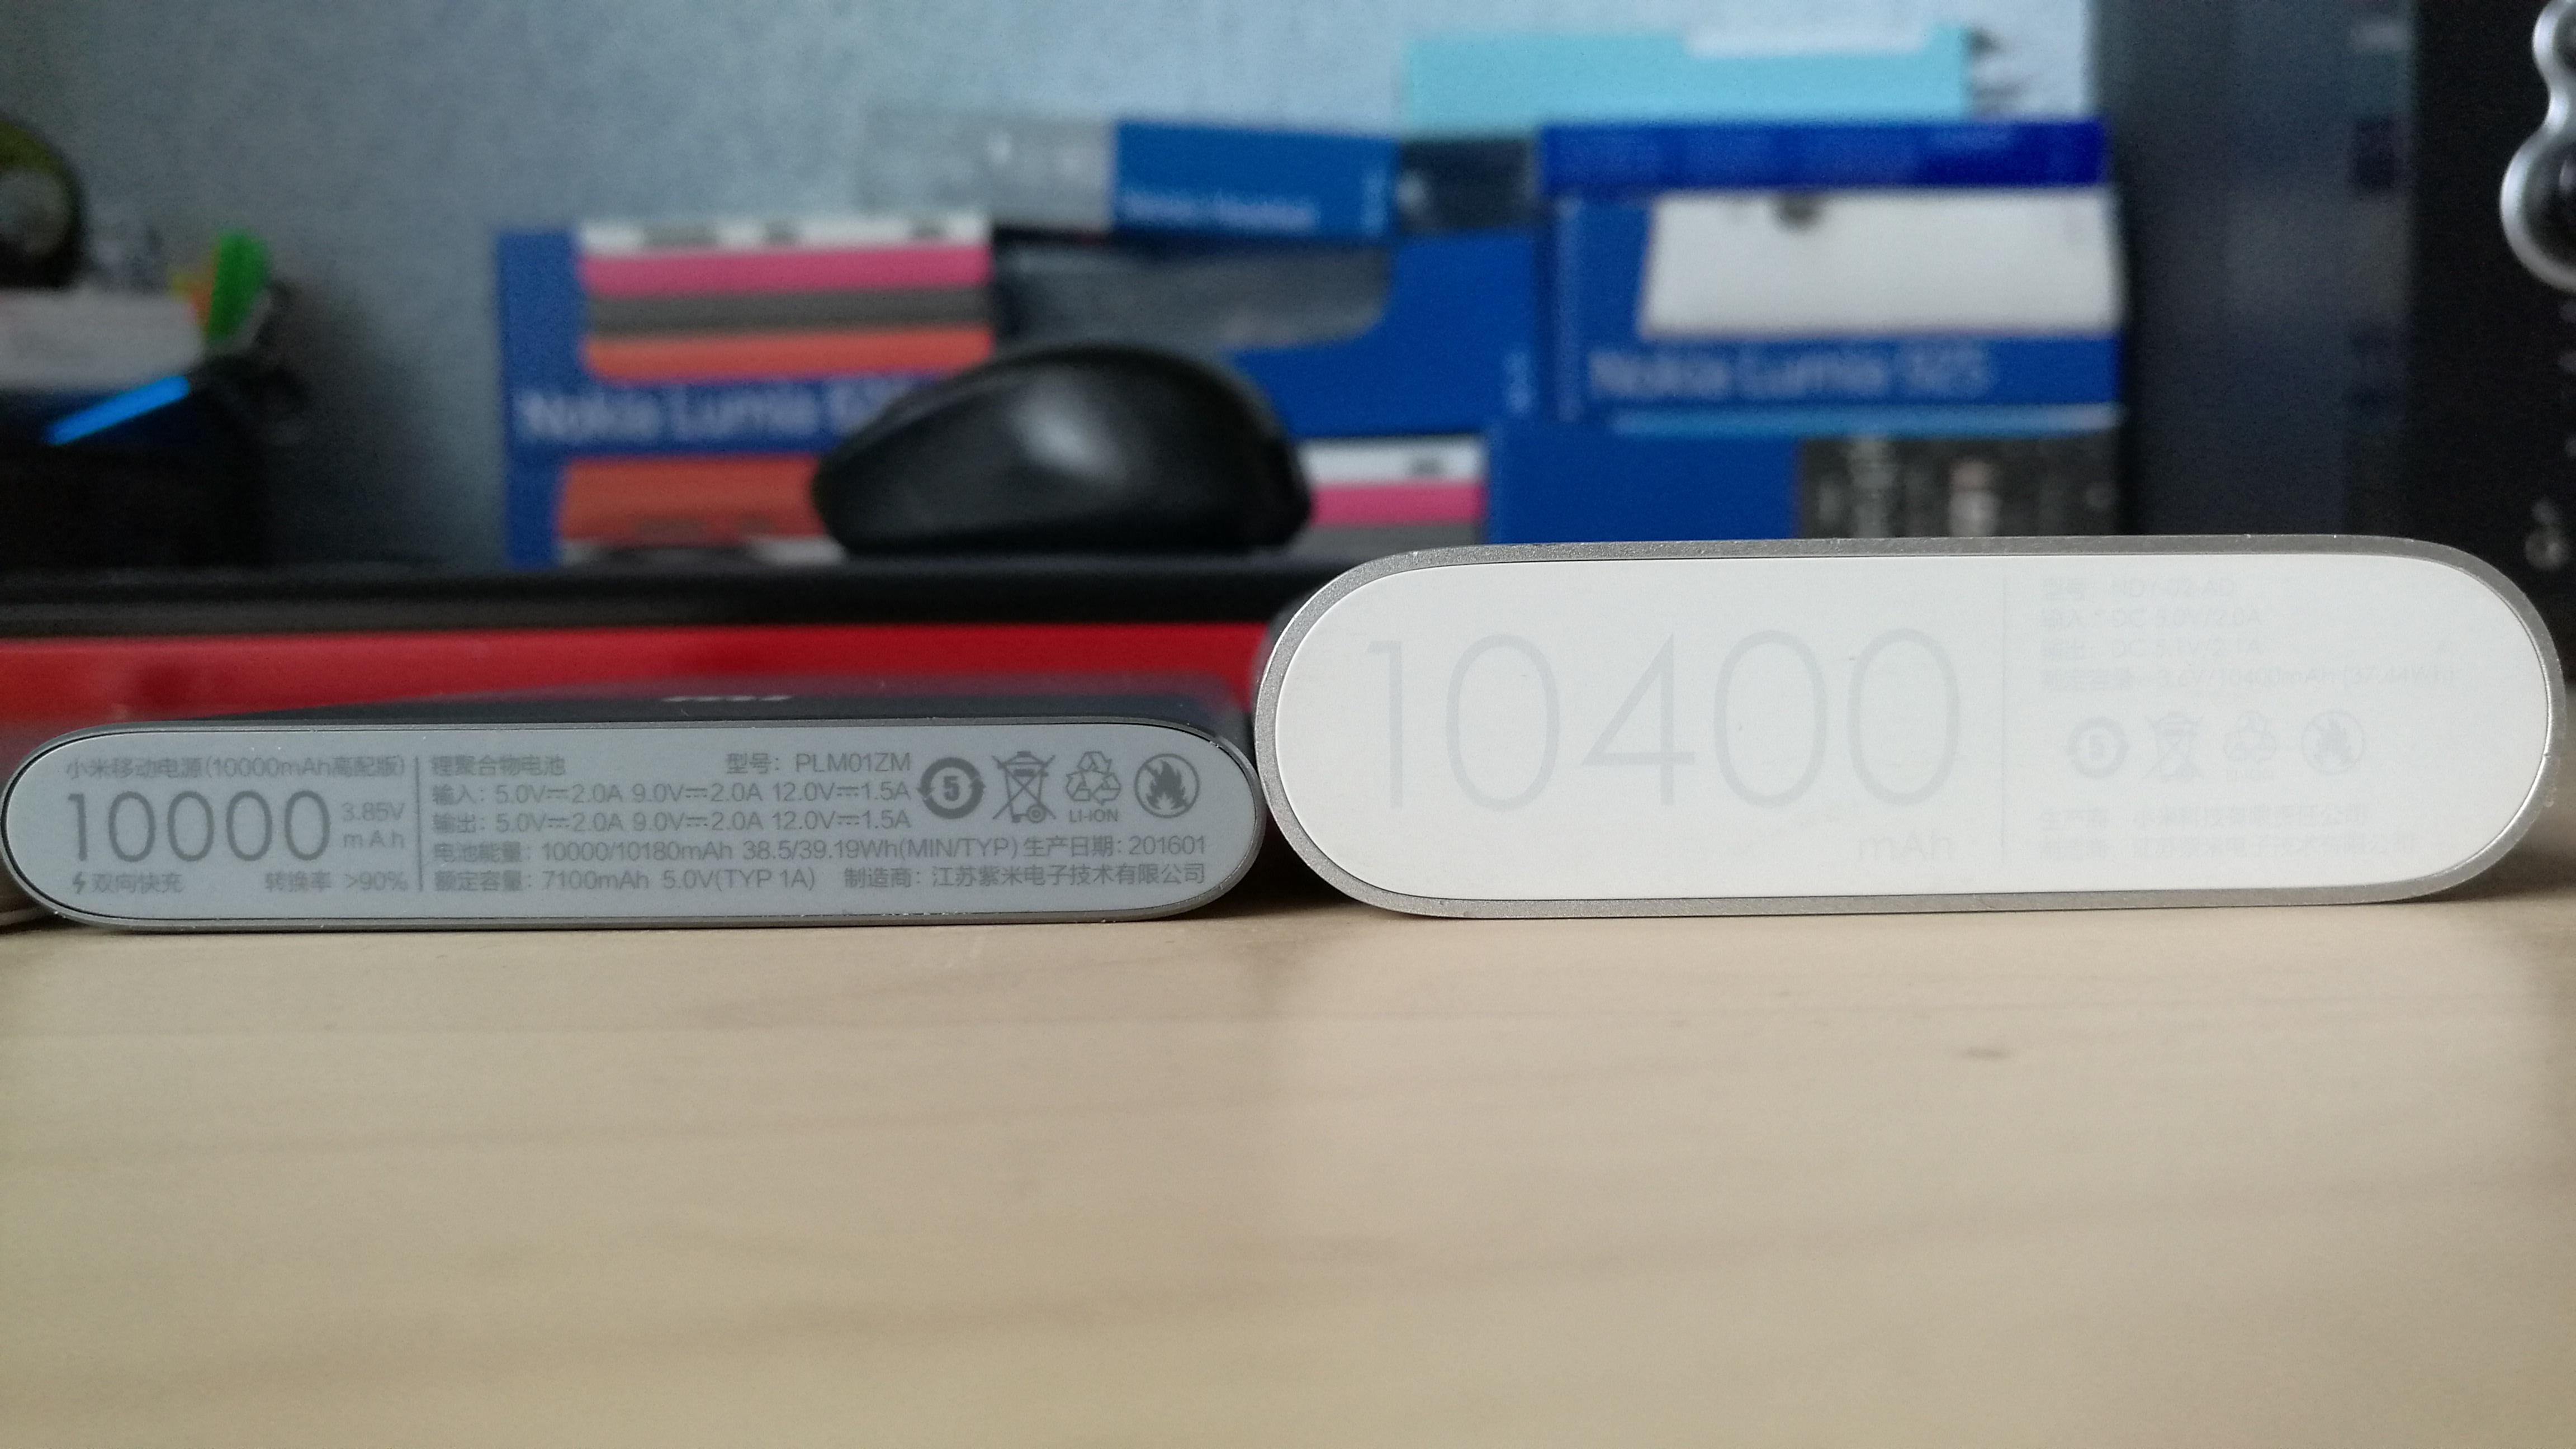 Xiaomi Mi Power Bank Pro 10 000 mAh – spousta energie v kompaktním balení [recenze]